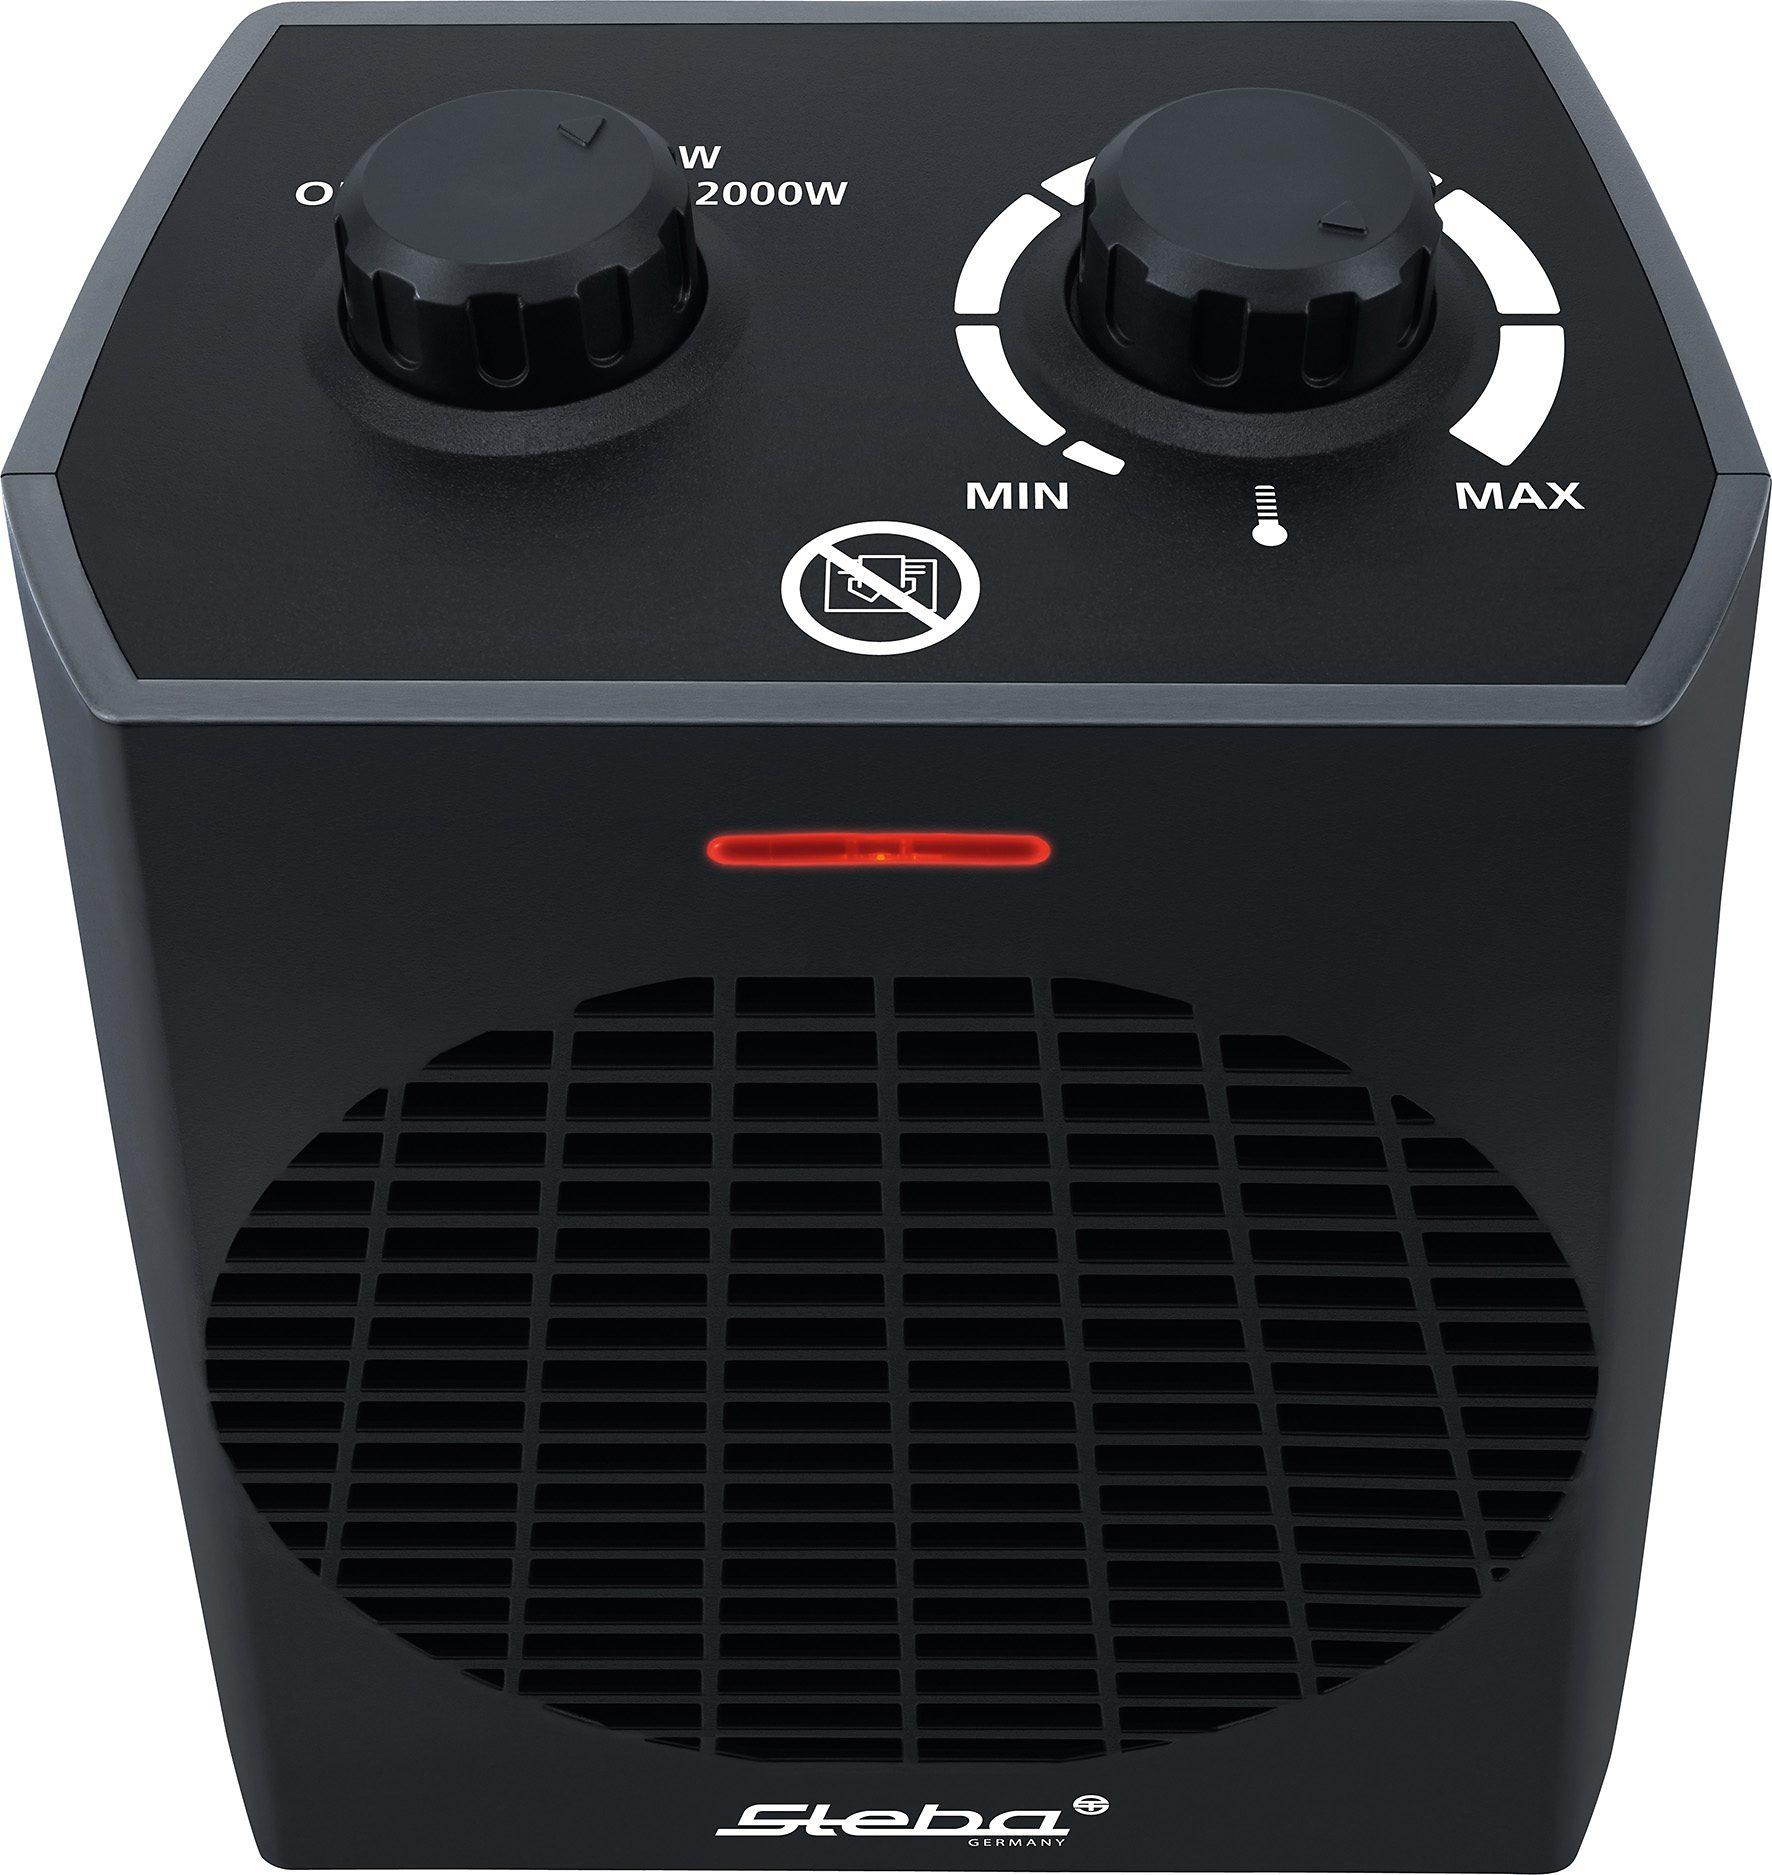 Steba Heizlüfter FH 504, 2000 Watt | Baumarkt > Heizung und Klima > Heizgeräte | Schwarz | STEBA